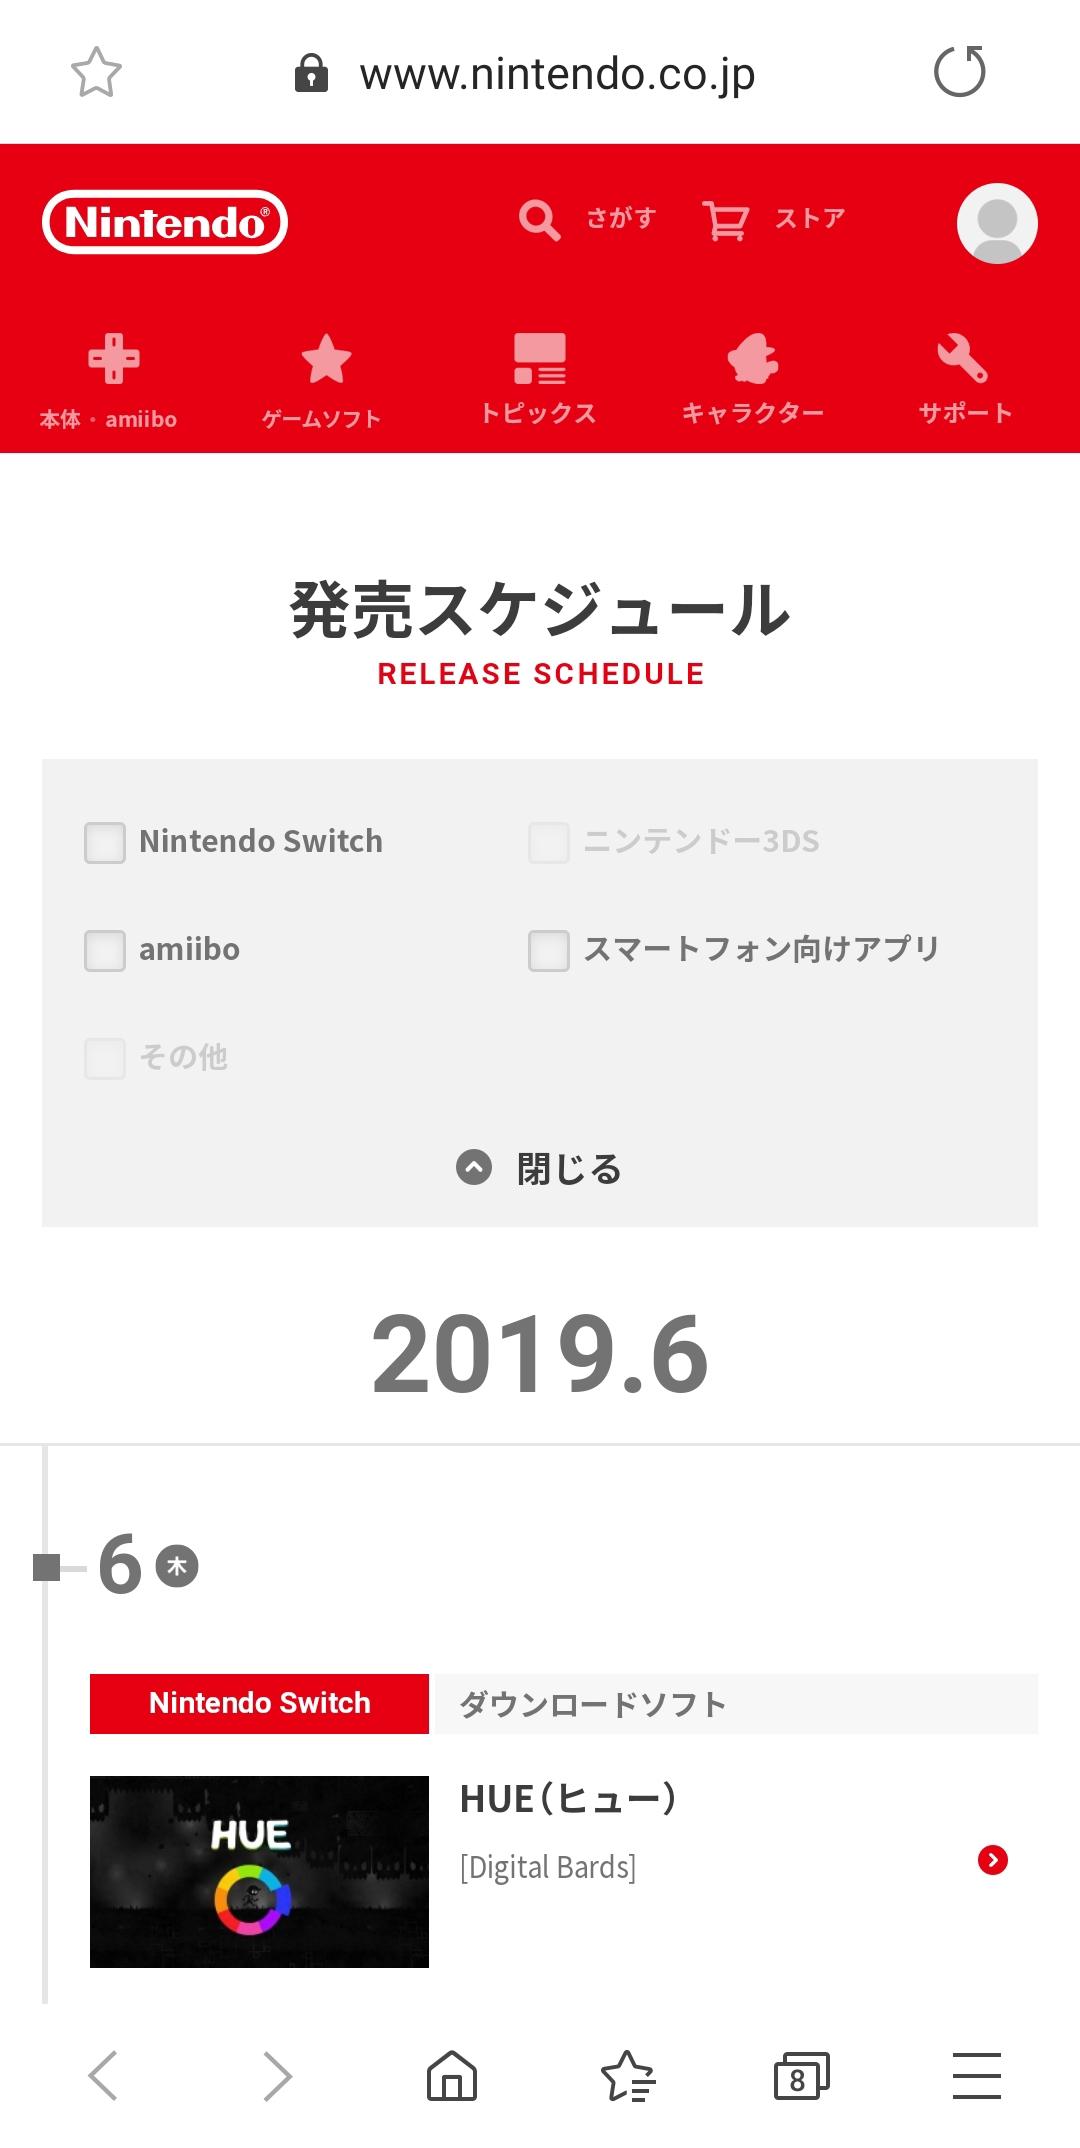 GxiXakX - 【悲報】Nintendo3DS、終了